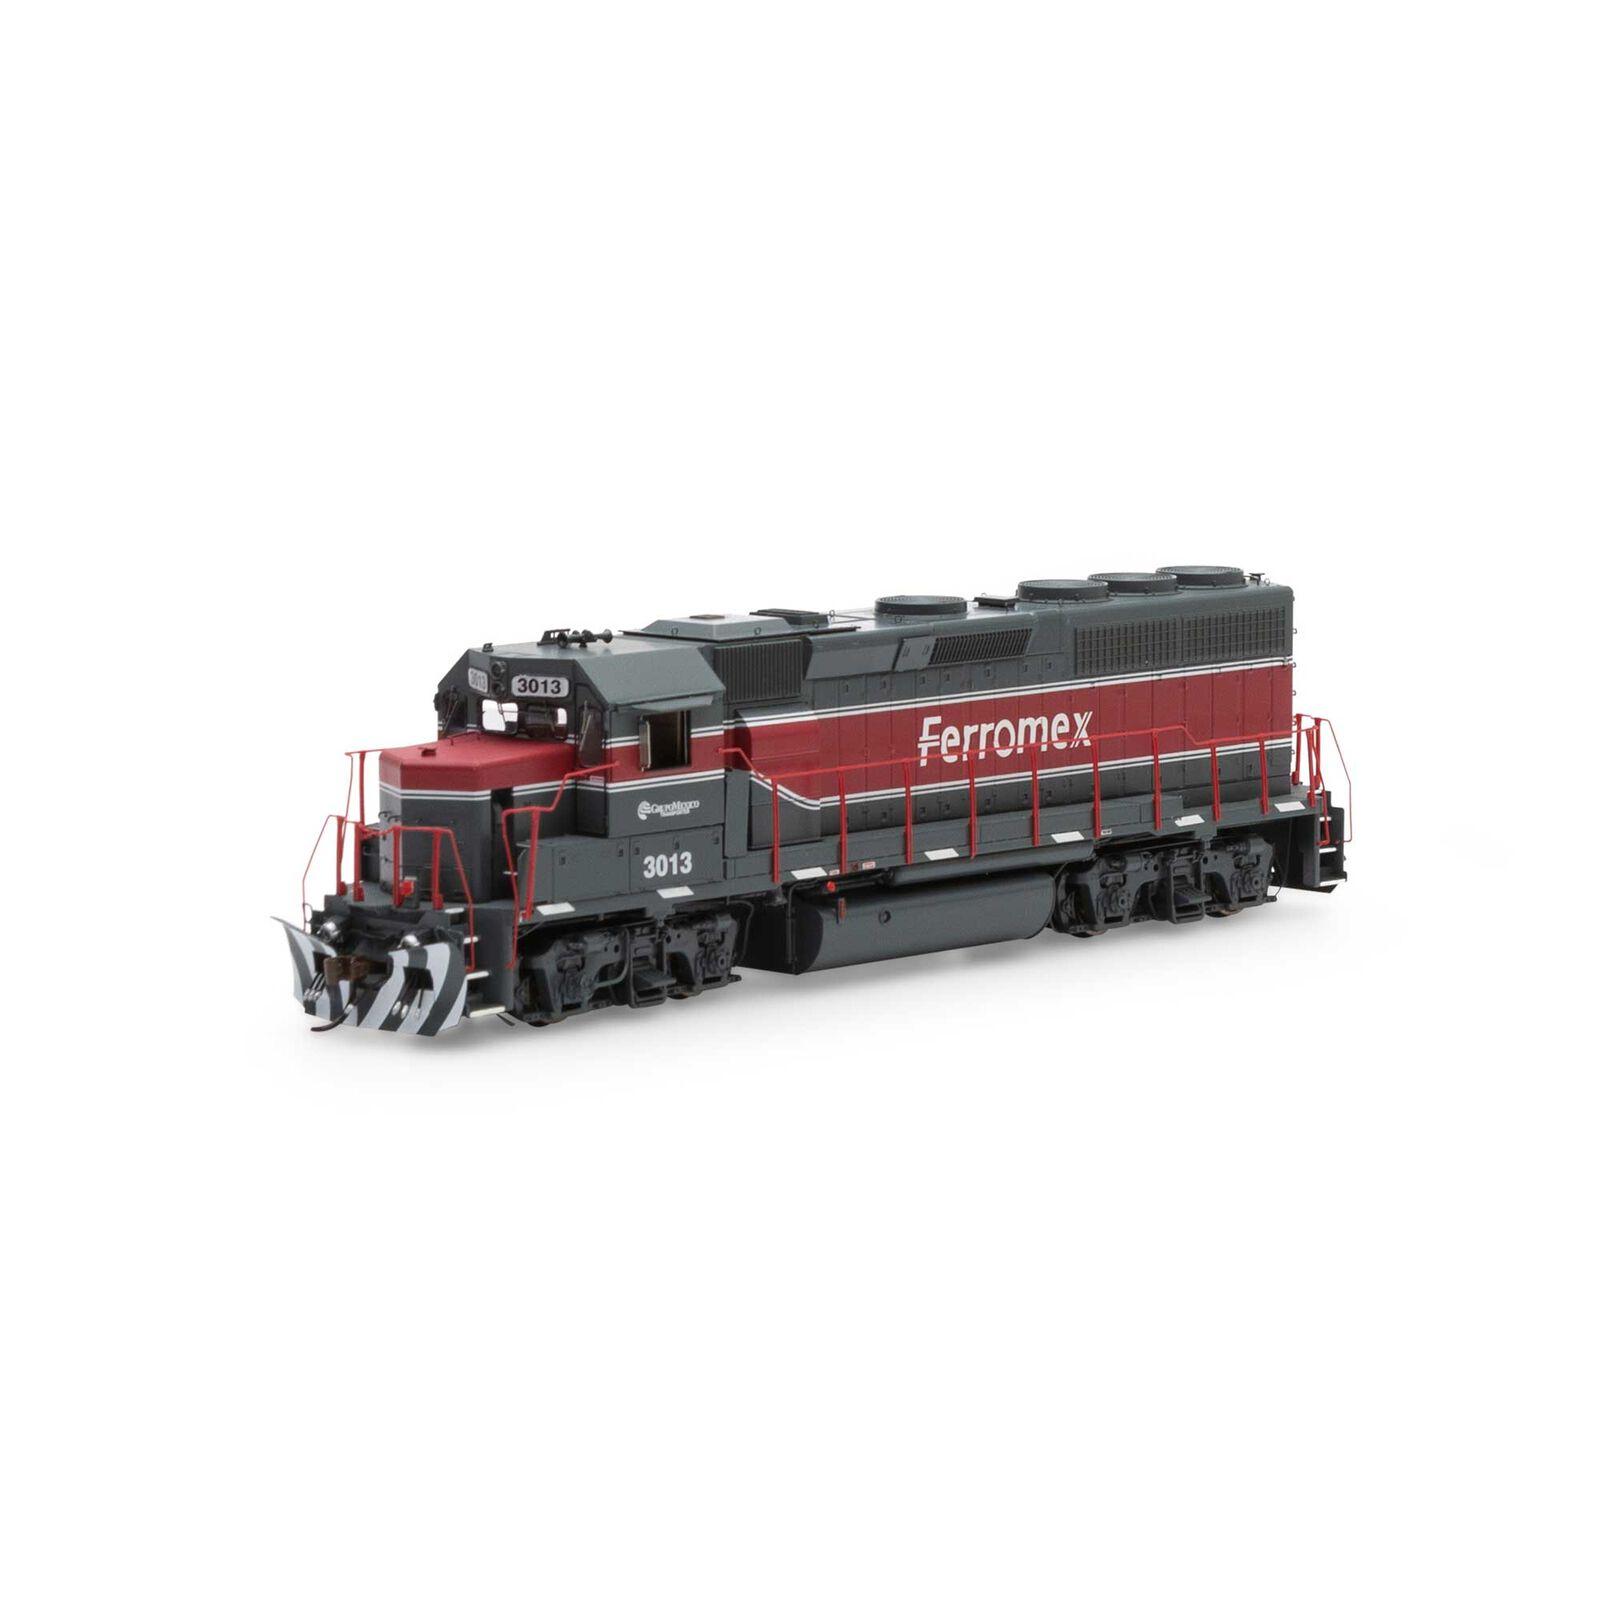 HO GP40-2 with DCC & Sound, Ferromex #3013